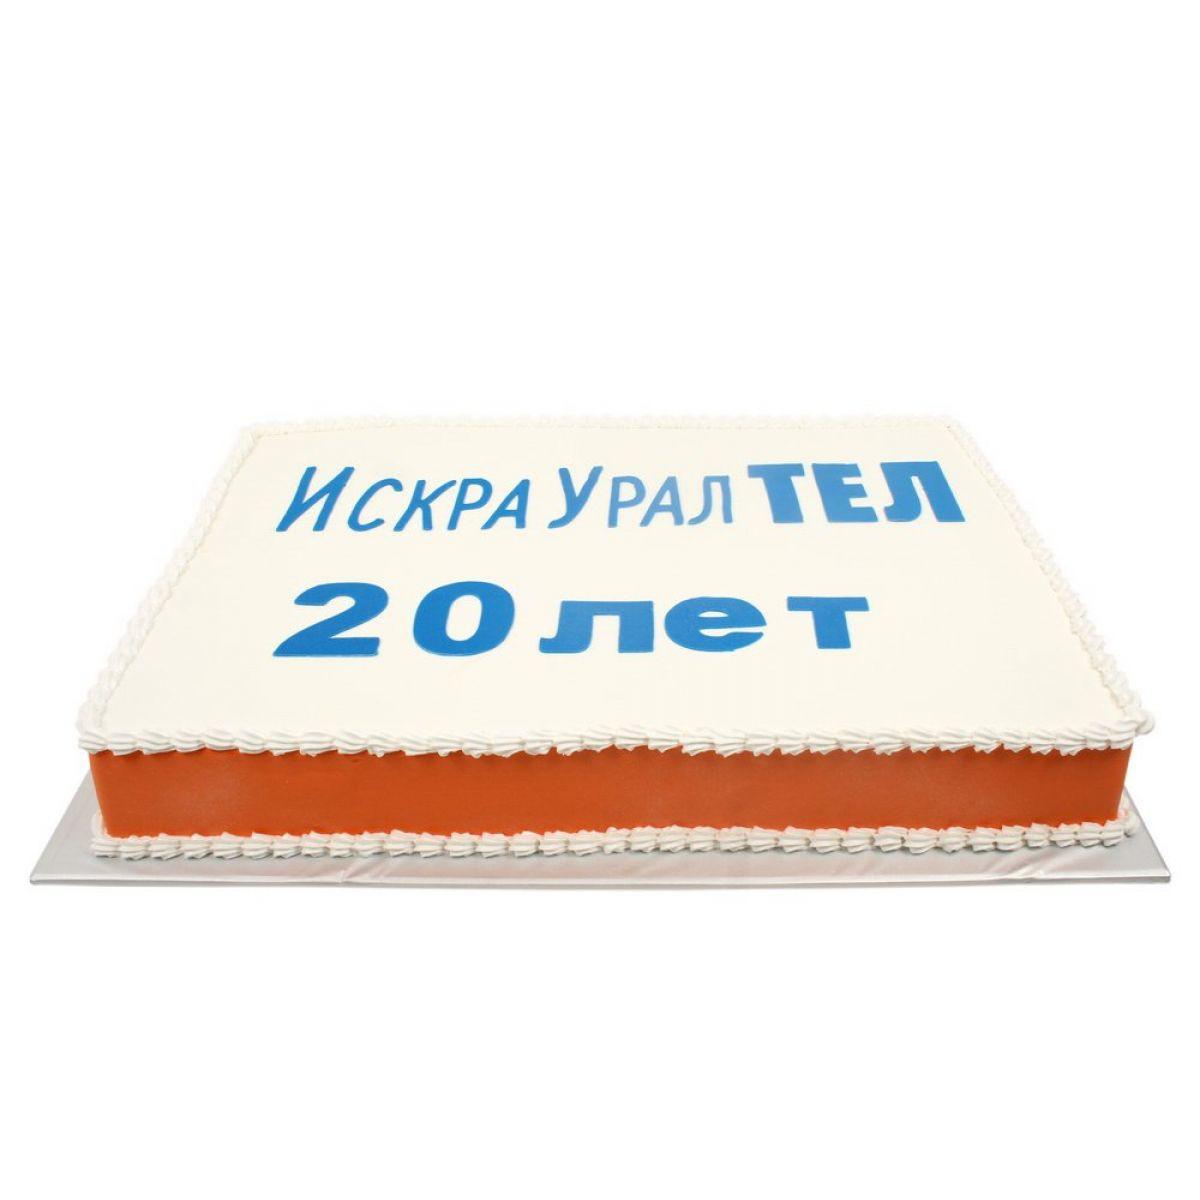 №981 Торт телевидение